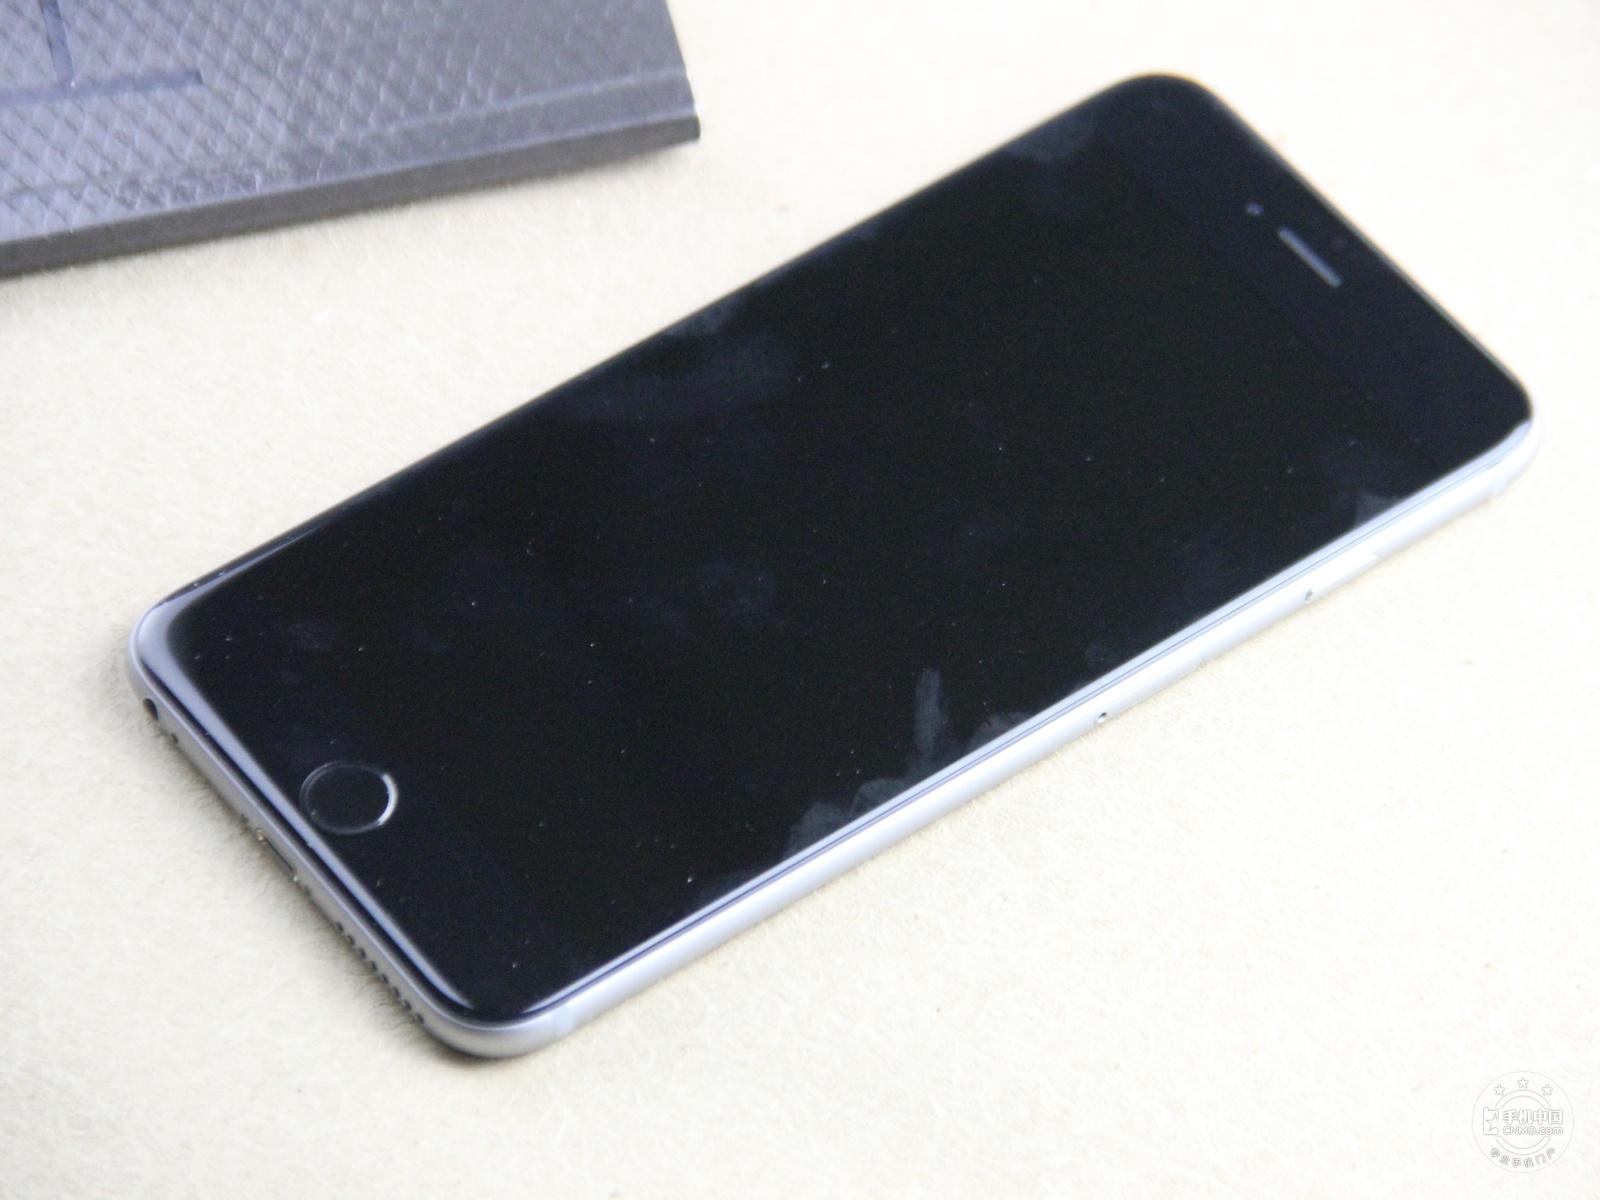 苹果iPhone6Plus(64GB)整体外观第8张